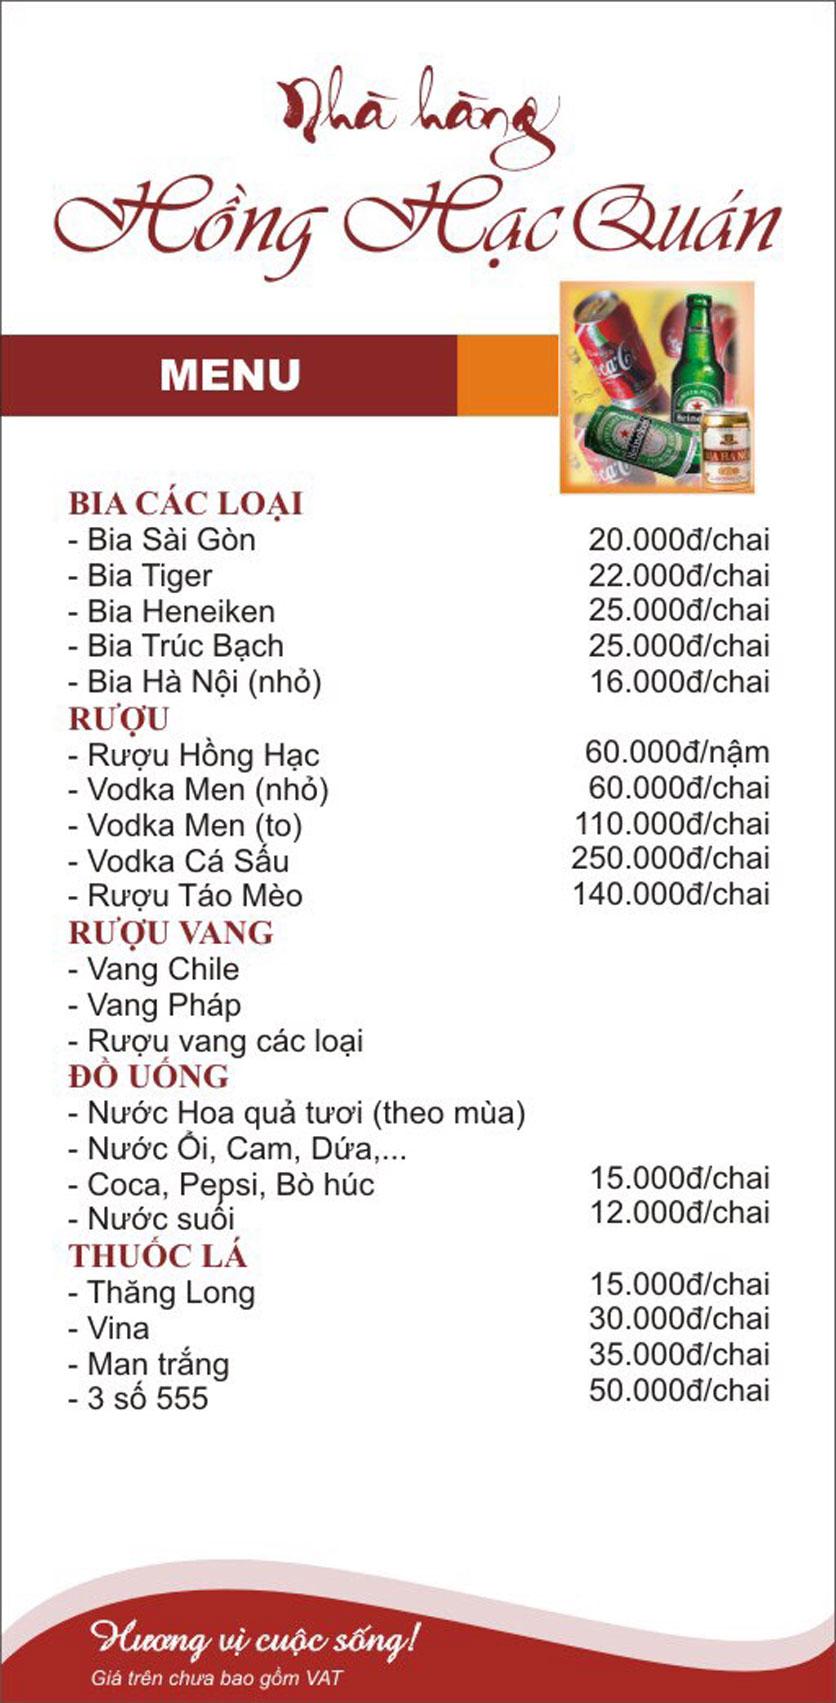 Menu Hồng Hạc - Tây Sơn 4